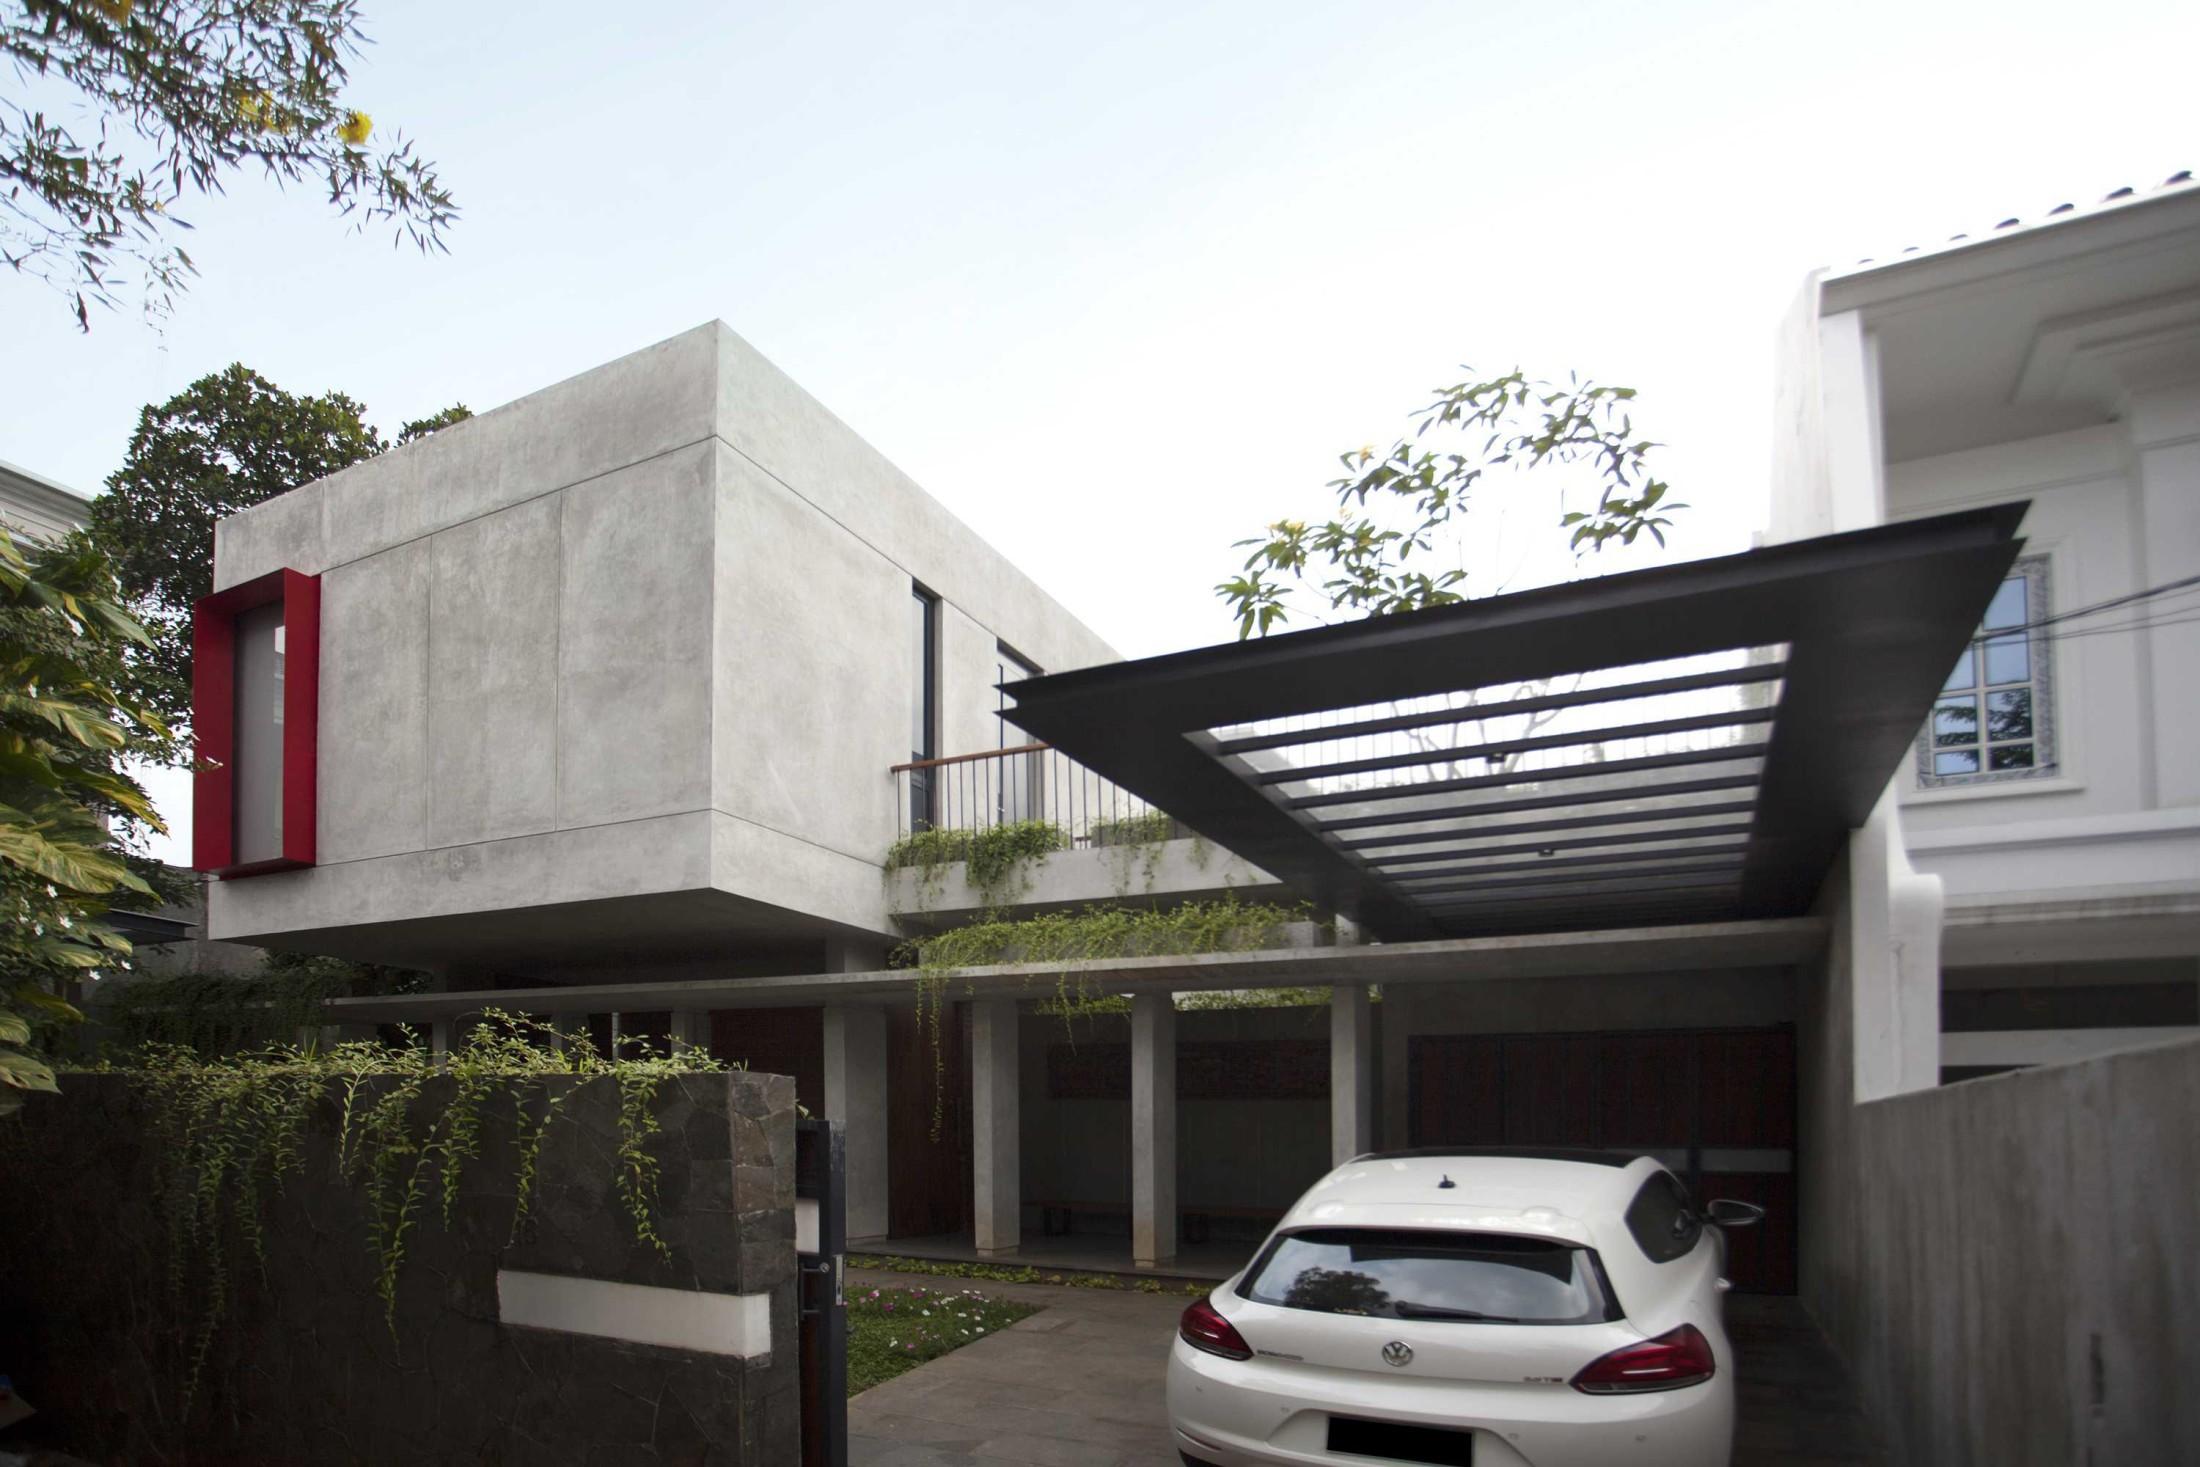 Ingin Punya Rumah Bergaya Industrial Minimalis? Lihat Karya Woso Studio Berikut Ini! | Foto artikel Arsitag